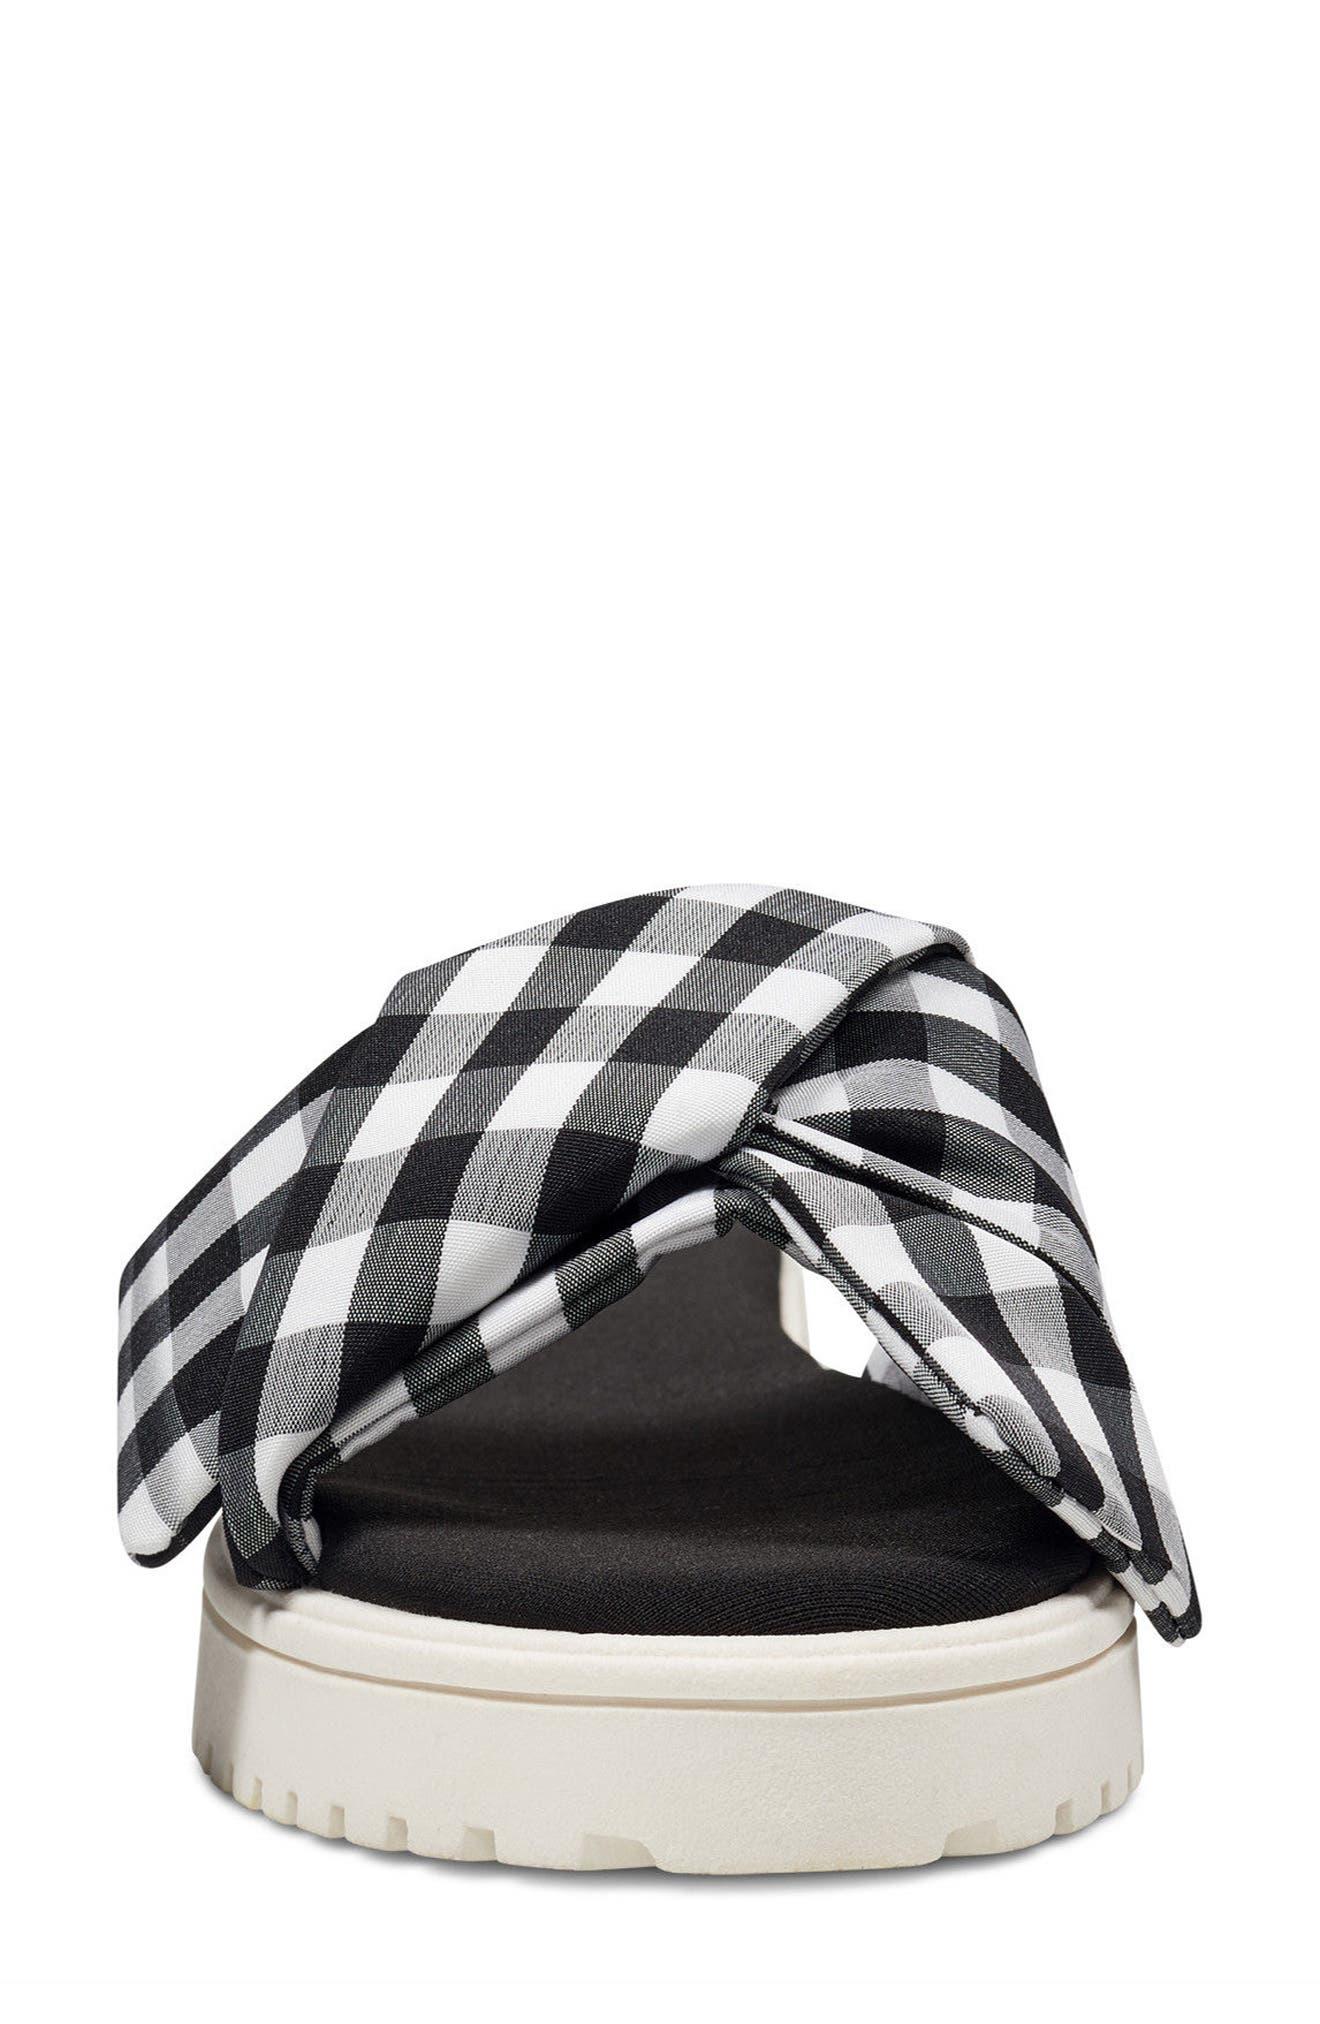 Ruth Slide Sandal,                             Alternate thumbnail 4, color,                             Black/ White Fabric